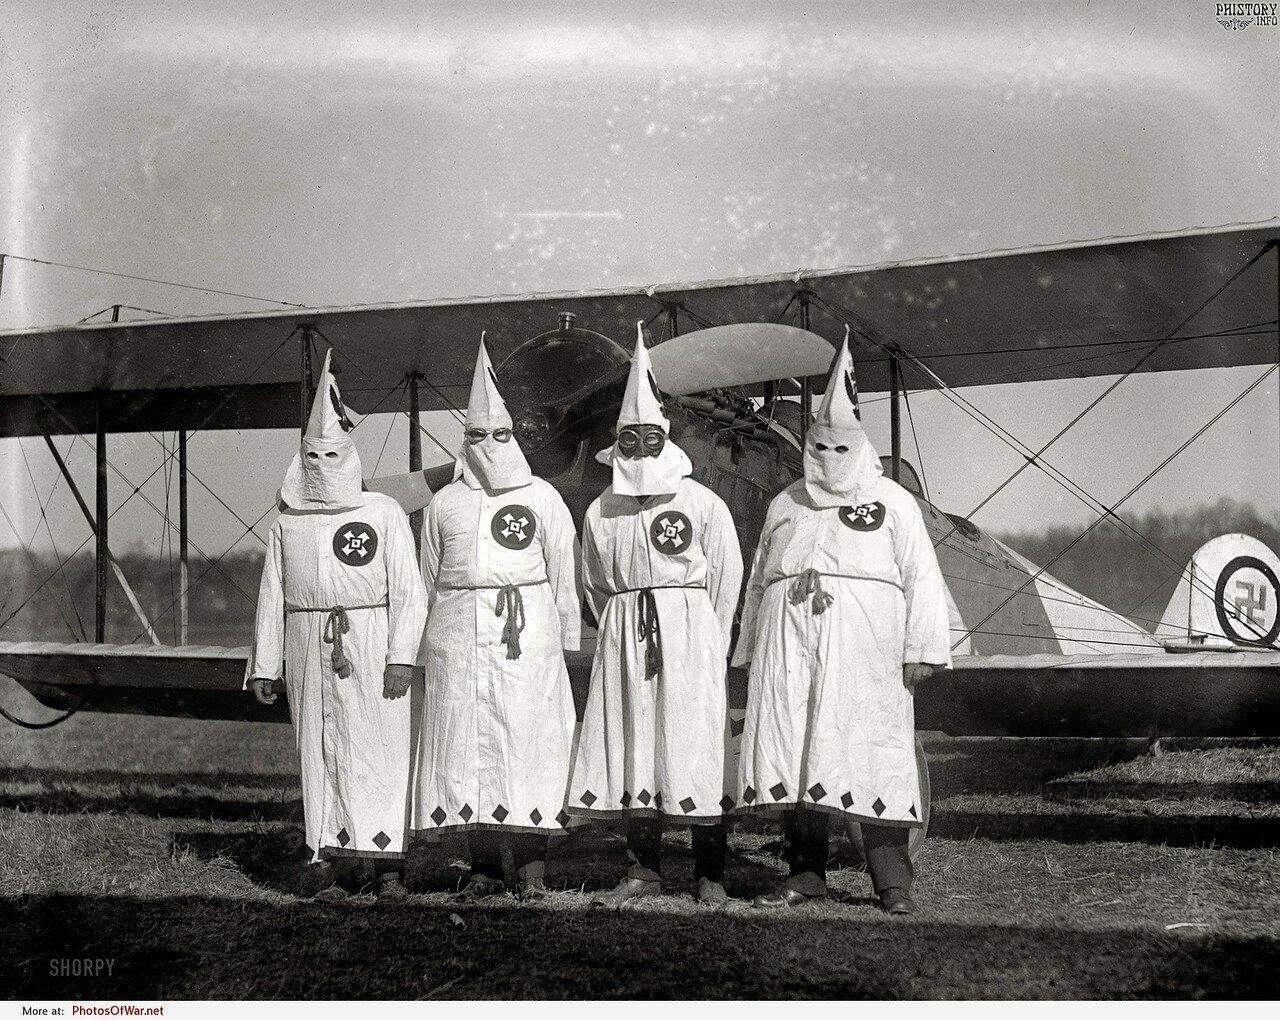 Члены Ку-клукс-клан собираются в полете разбрасывать агитационную литературу. США. 18 марта 1922 года